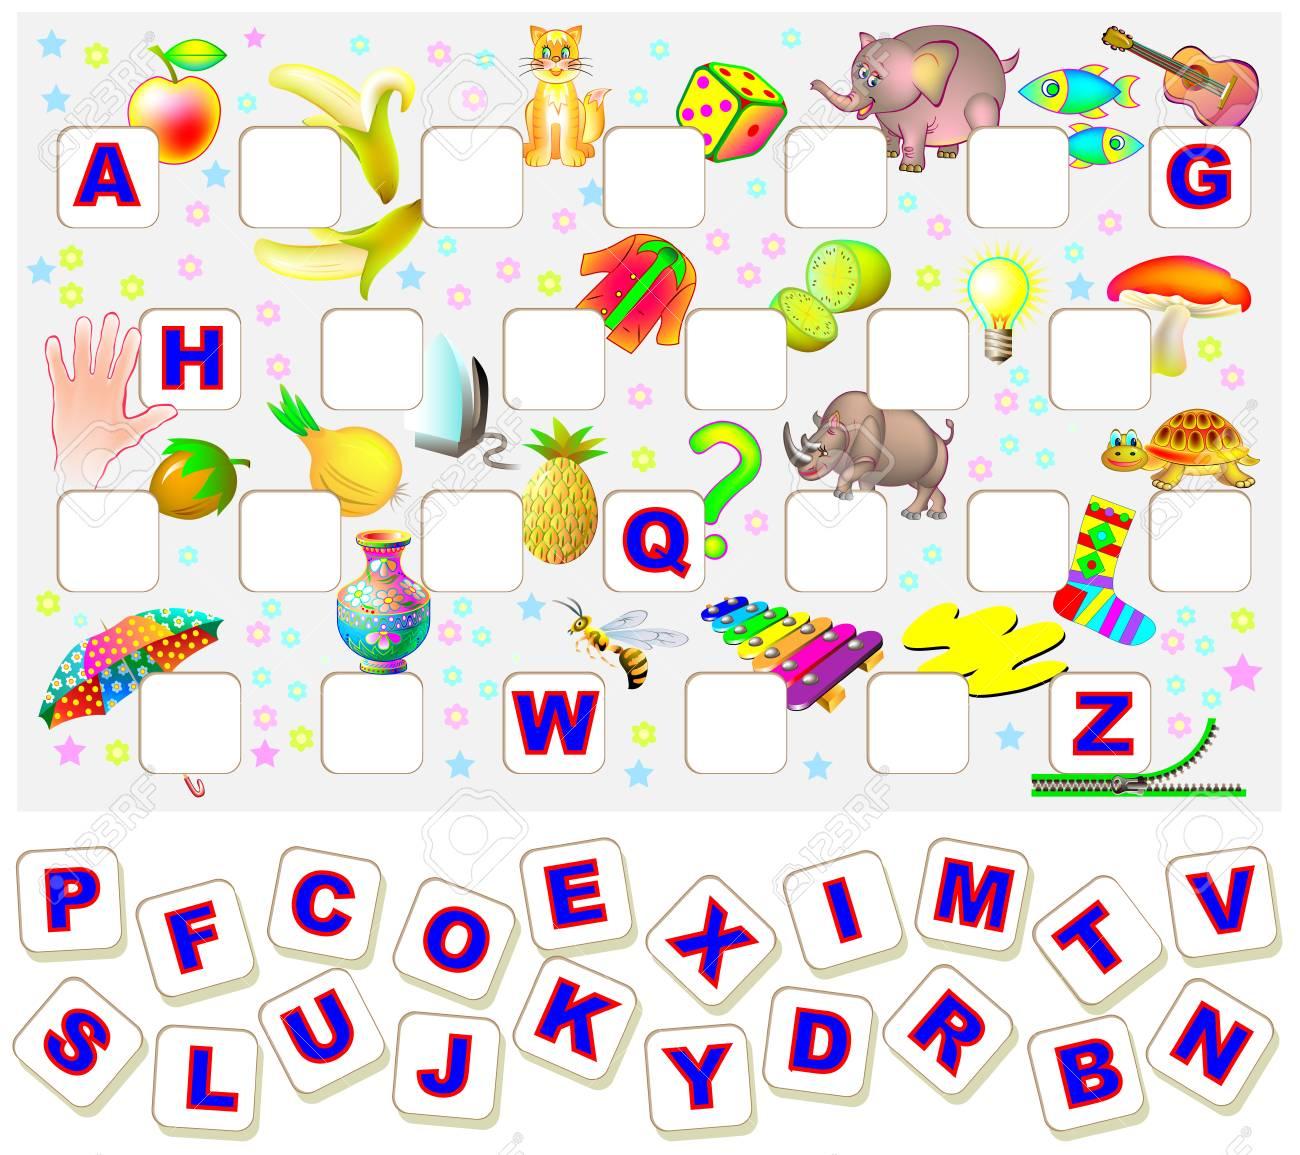 Hoja De Trabajo Para Niños Con Ejercicio Para Estudiar El Alfabeto ...